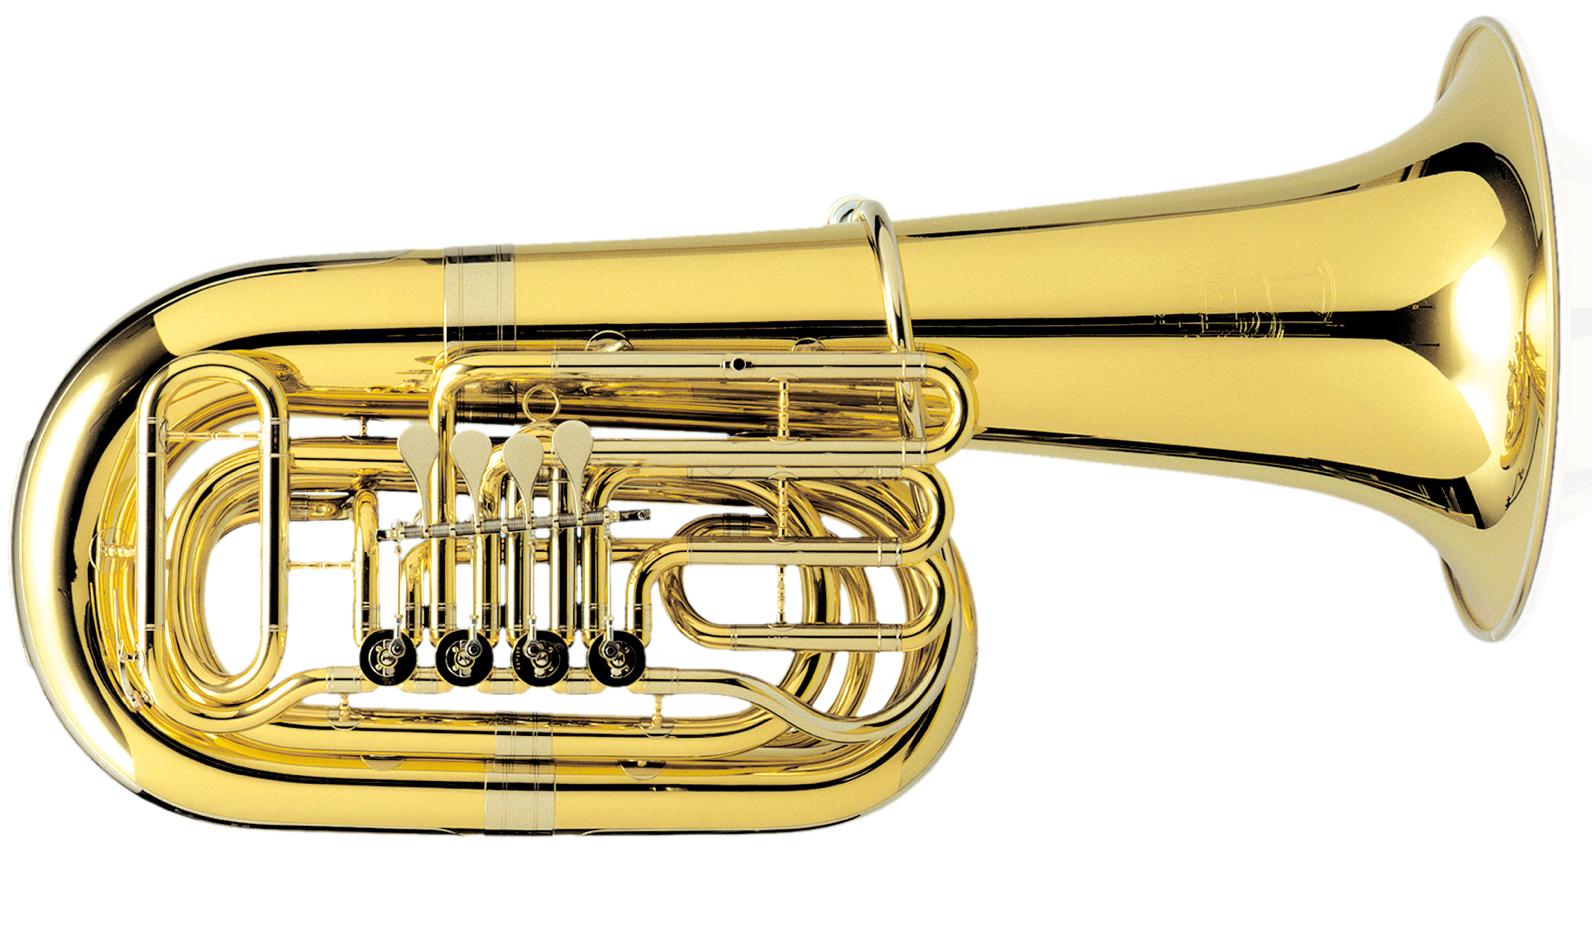 Meinl Weston Meinl Weston BBb 4/4 Rotary Valve tuba